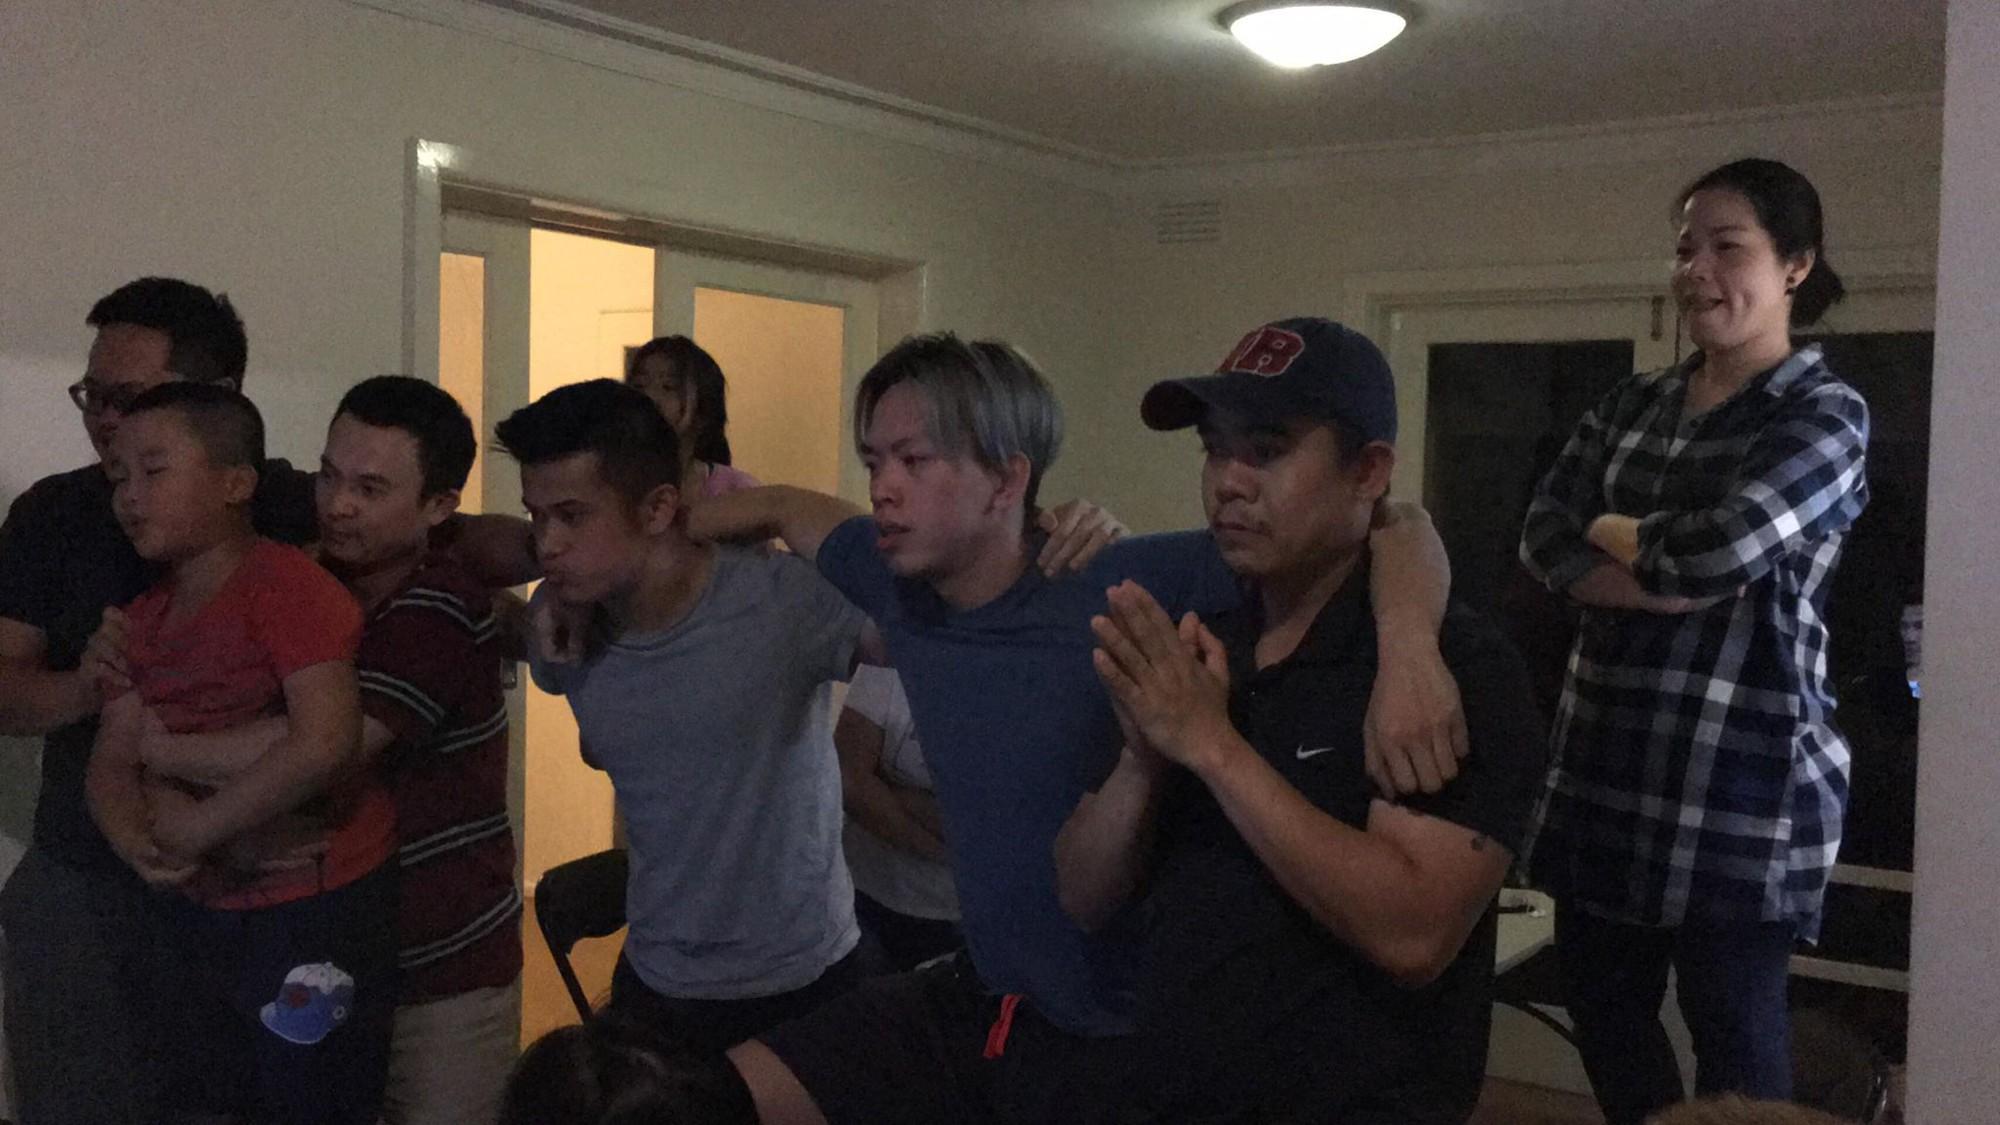 Tâm sự của du học sinh Úc xem bán kết U23 Việt Nam: Mừng muốn khóc mà không ra ngoài đường được, đành gọi về nhà chúc mừng bố mẹ - Ảnh 2.